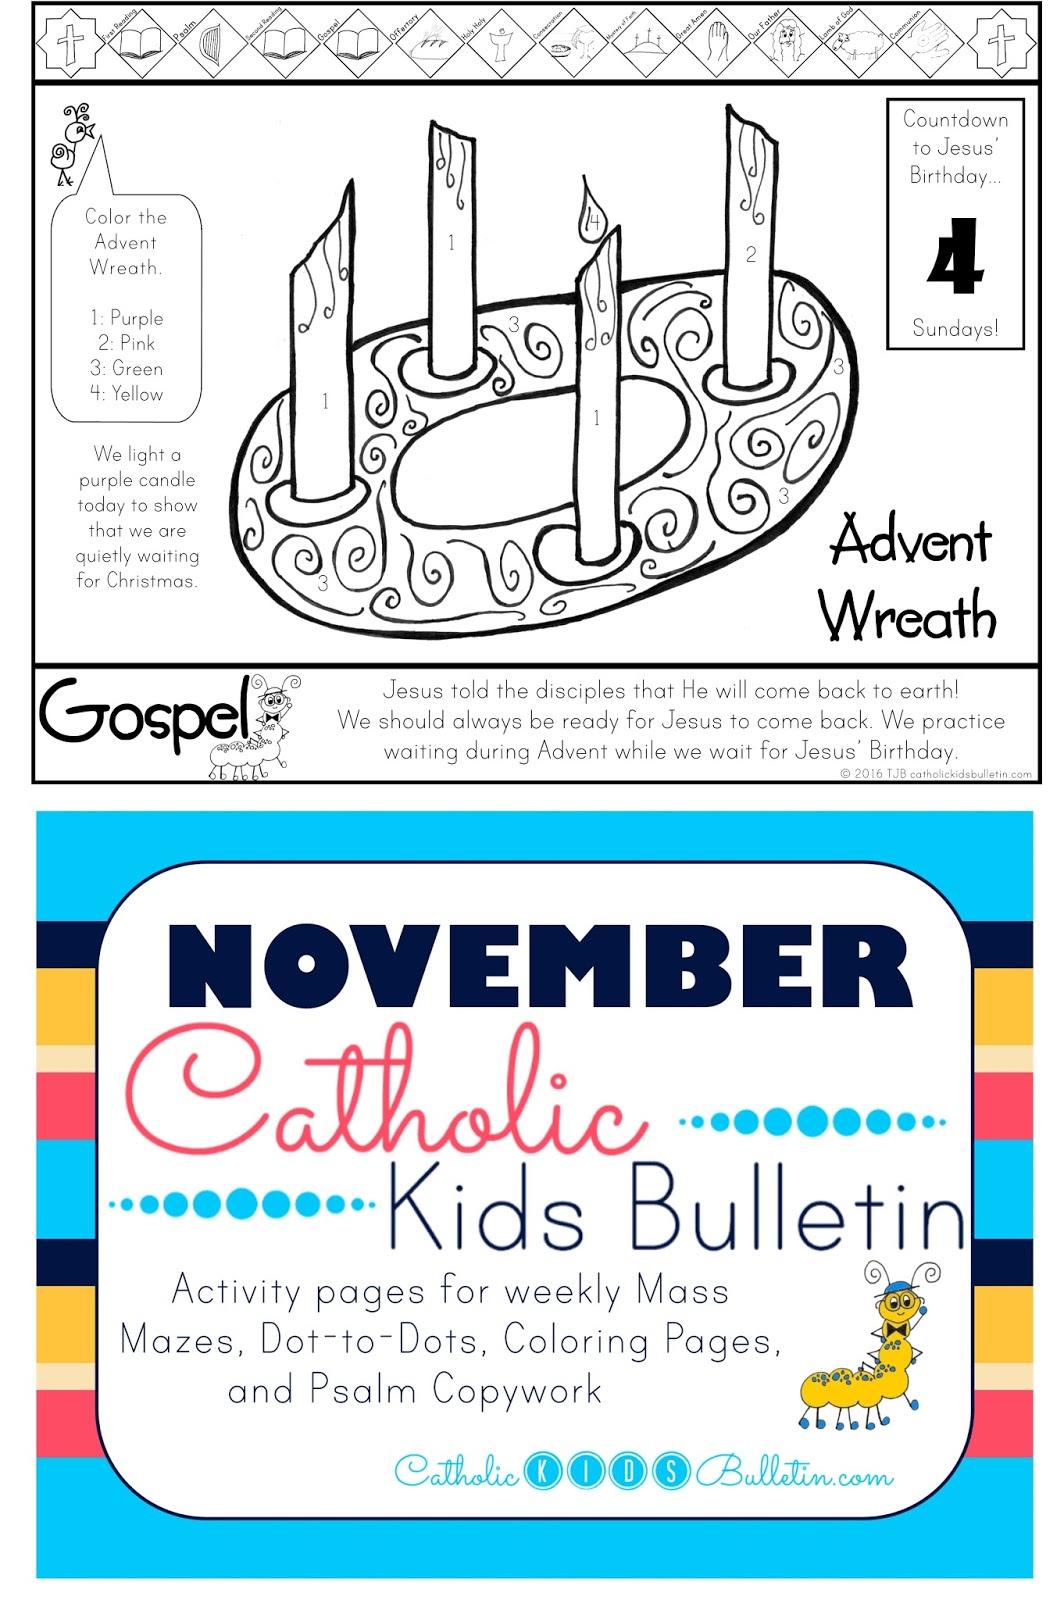 Catholic Kids November Catholic Kids Bulletin